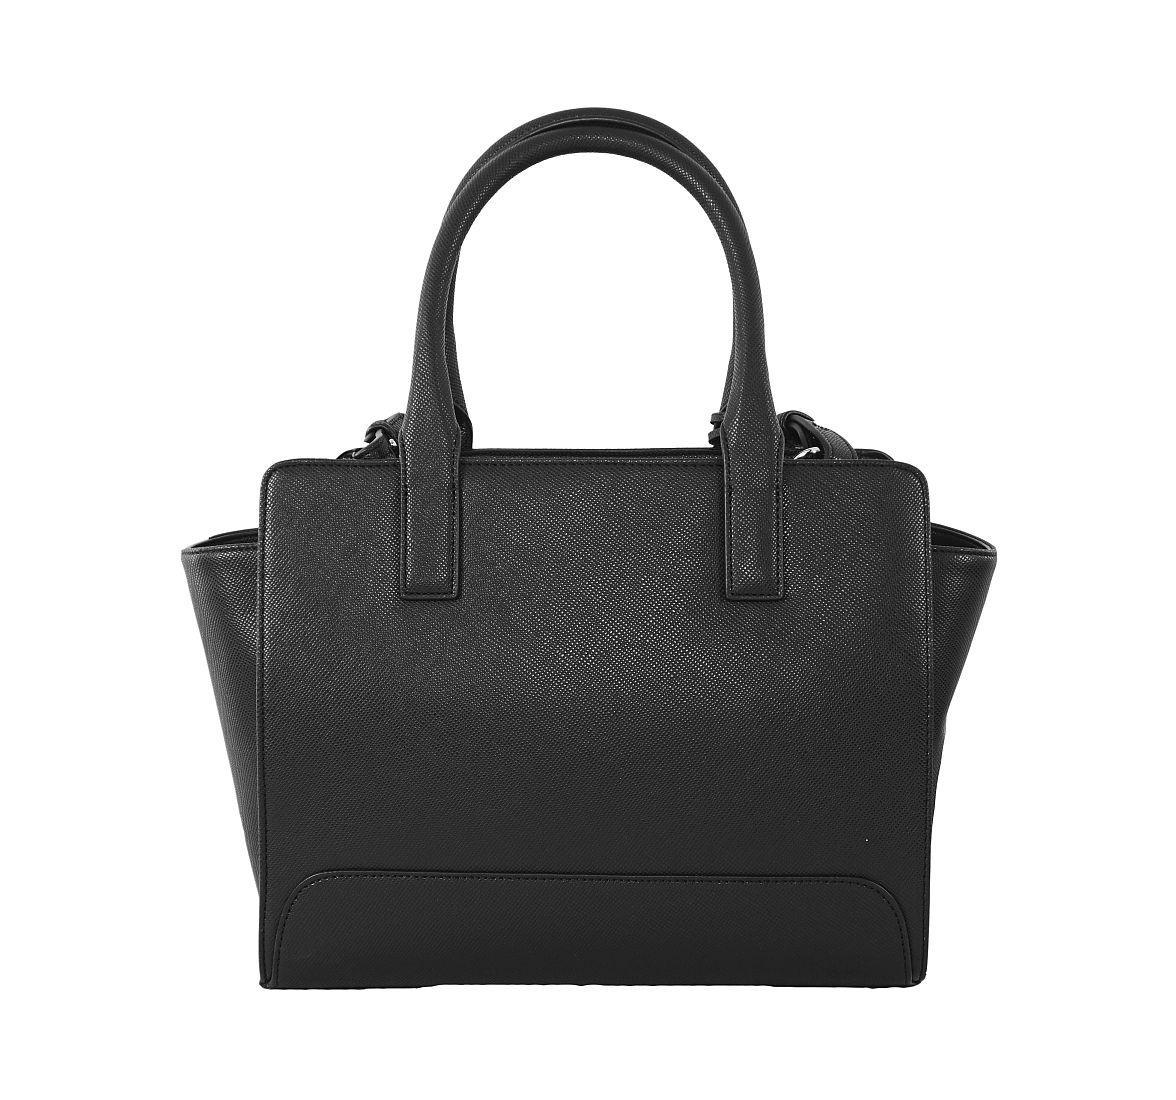 Armani Jeans Tasche Handtasche f. Damen C5250 R4 12 Nero Black HW16